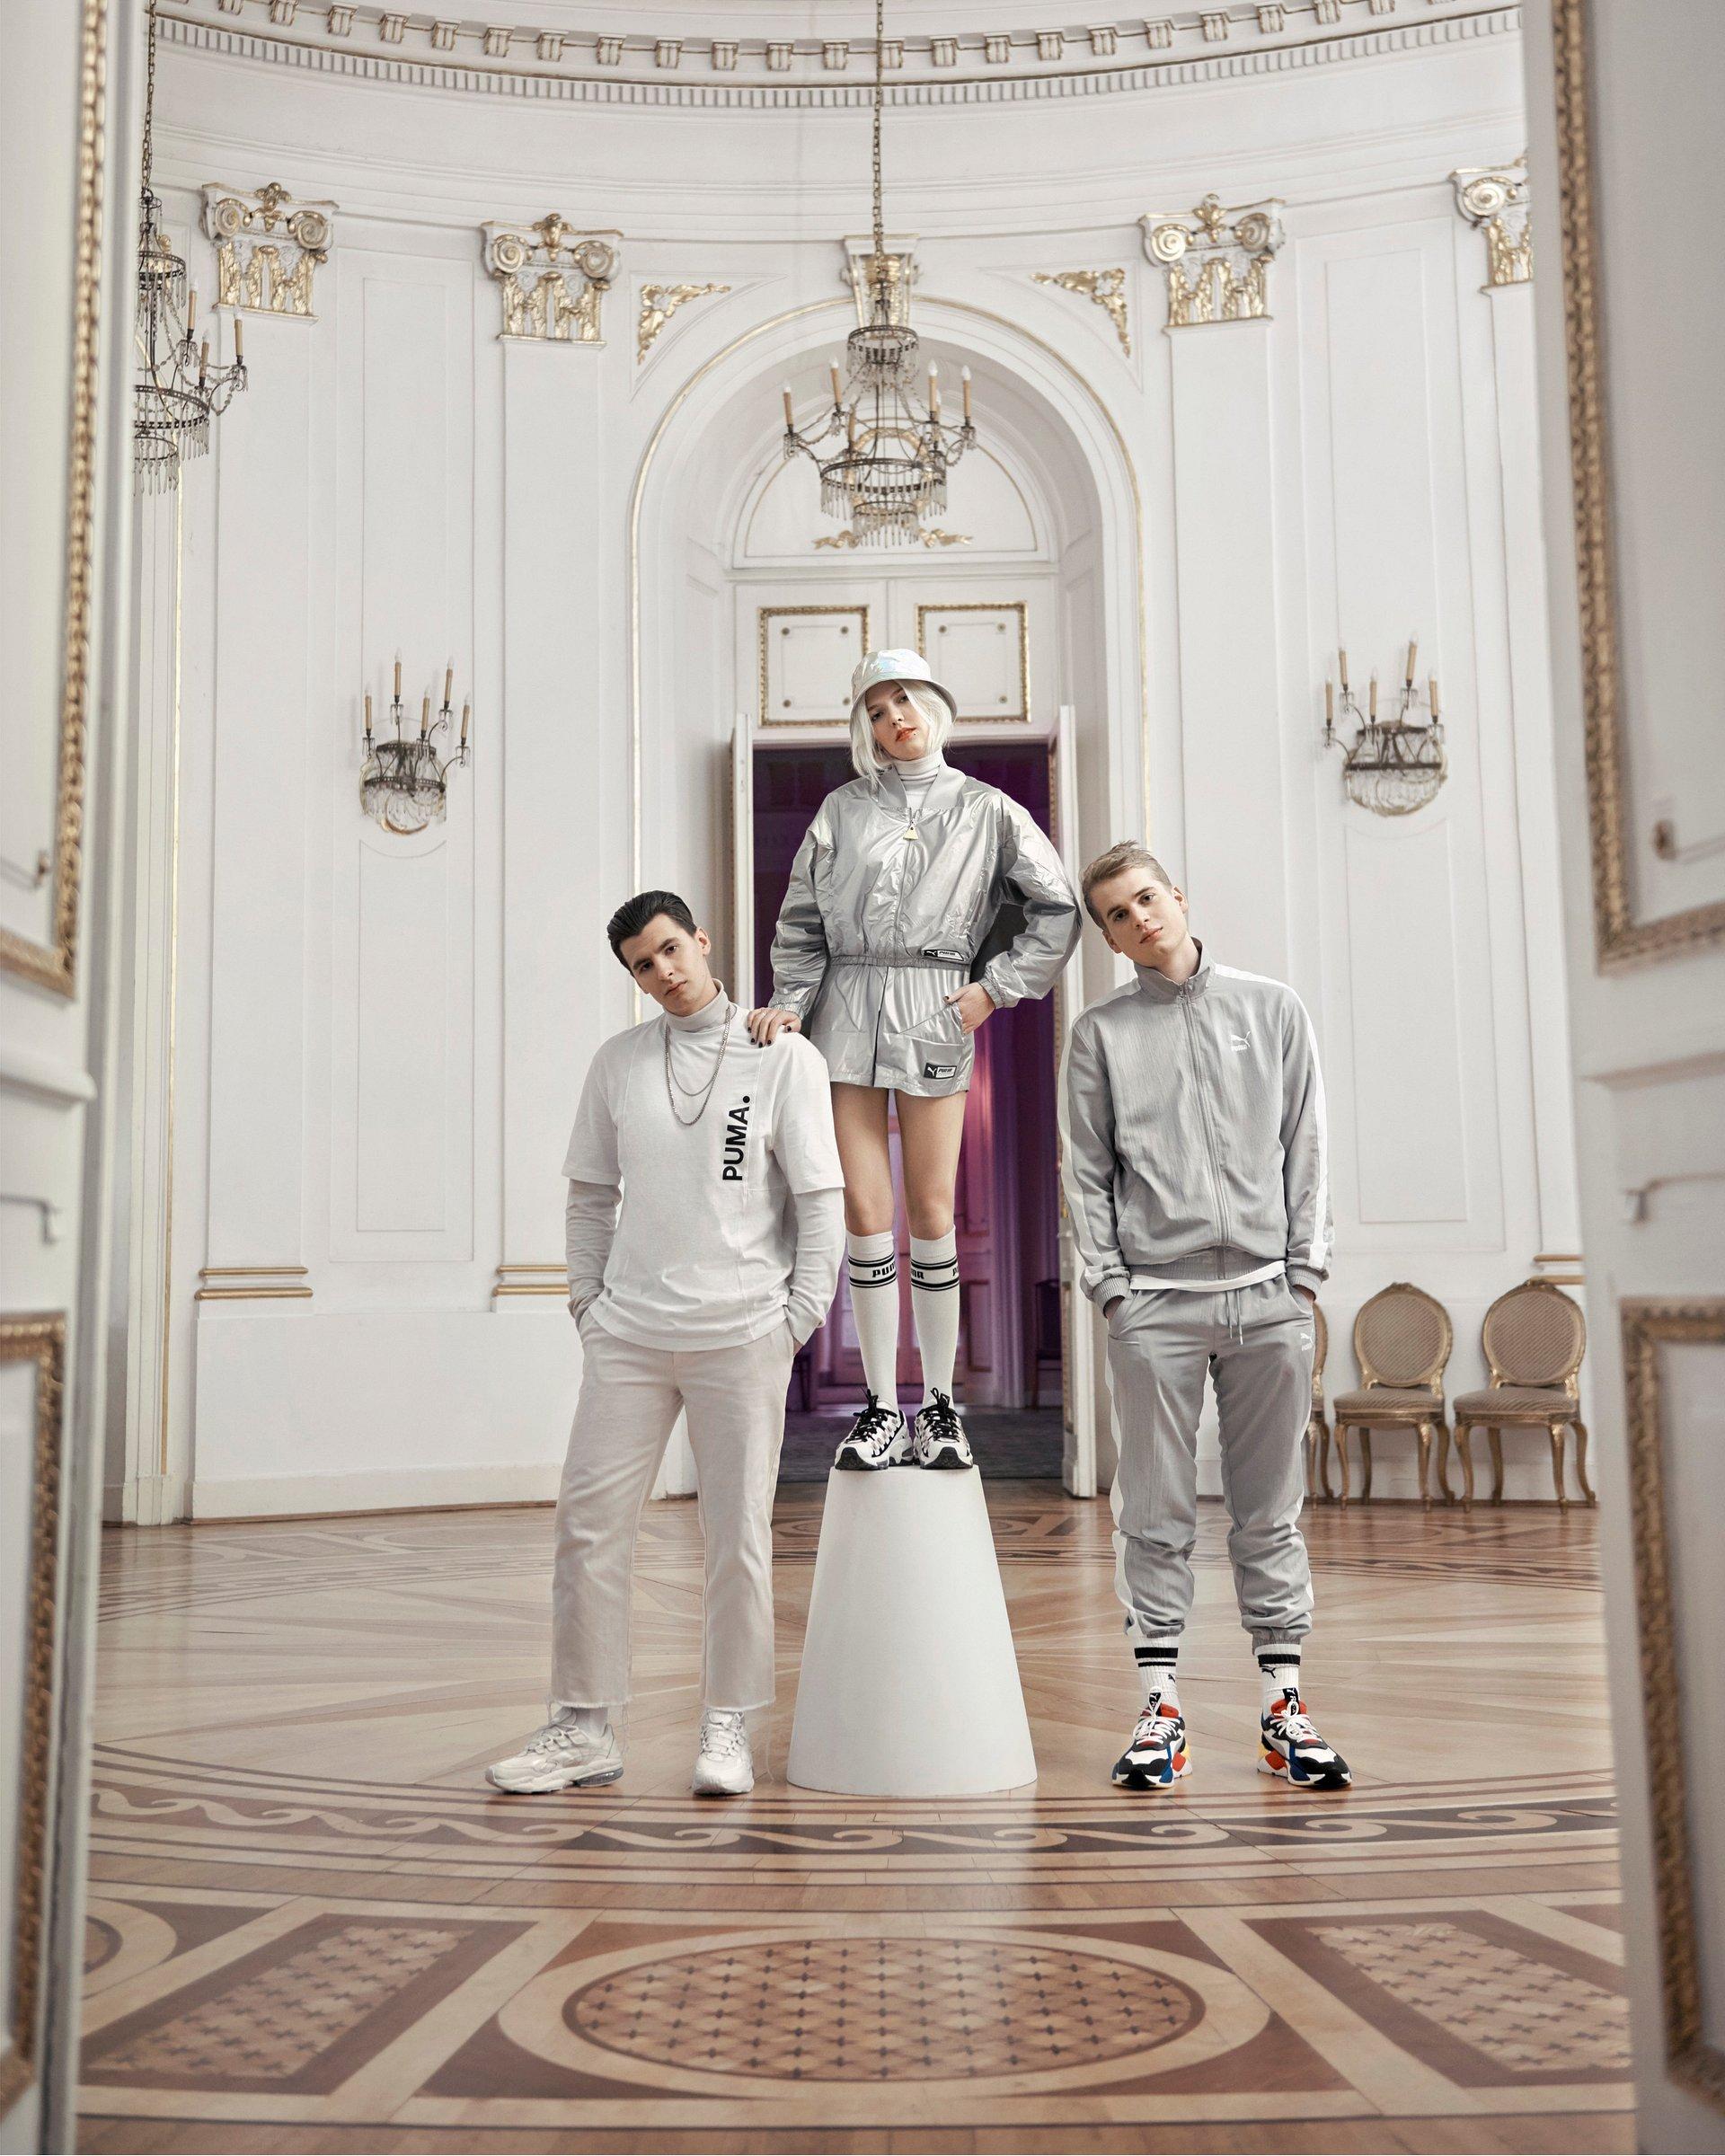 Daria Zawiałow, Jan- Rapowanie, White 2115- poznajcie nowych ambasadorów marki PUMA i programu PUMA Talents.